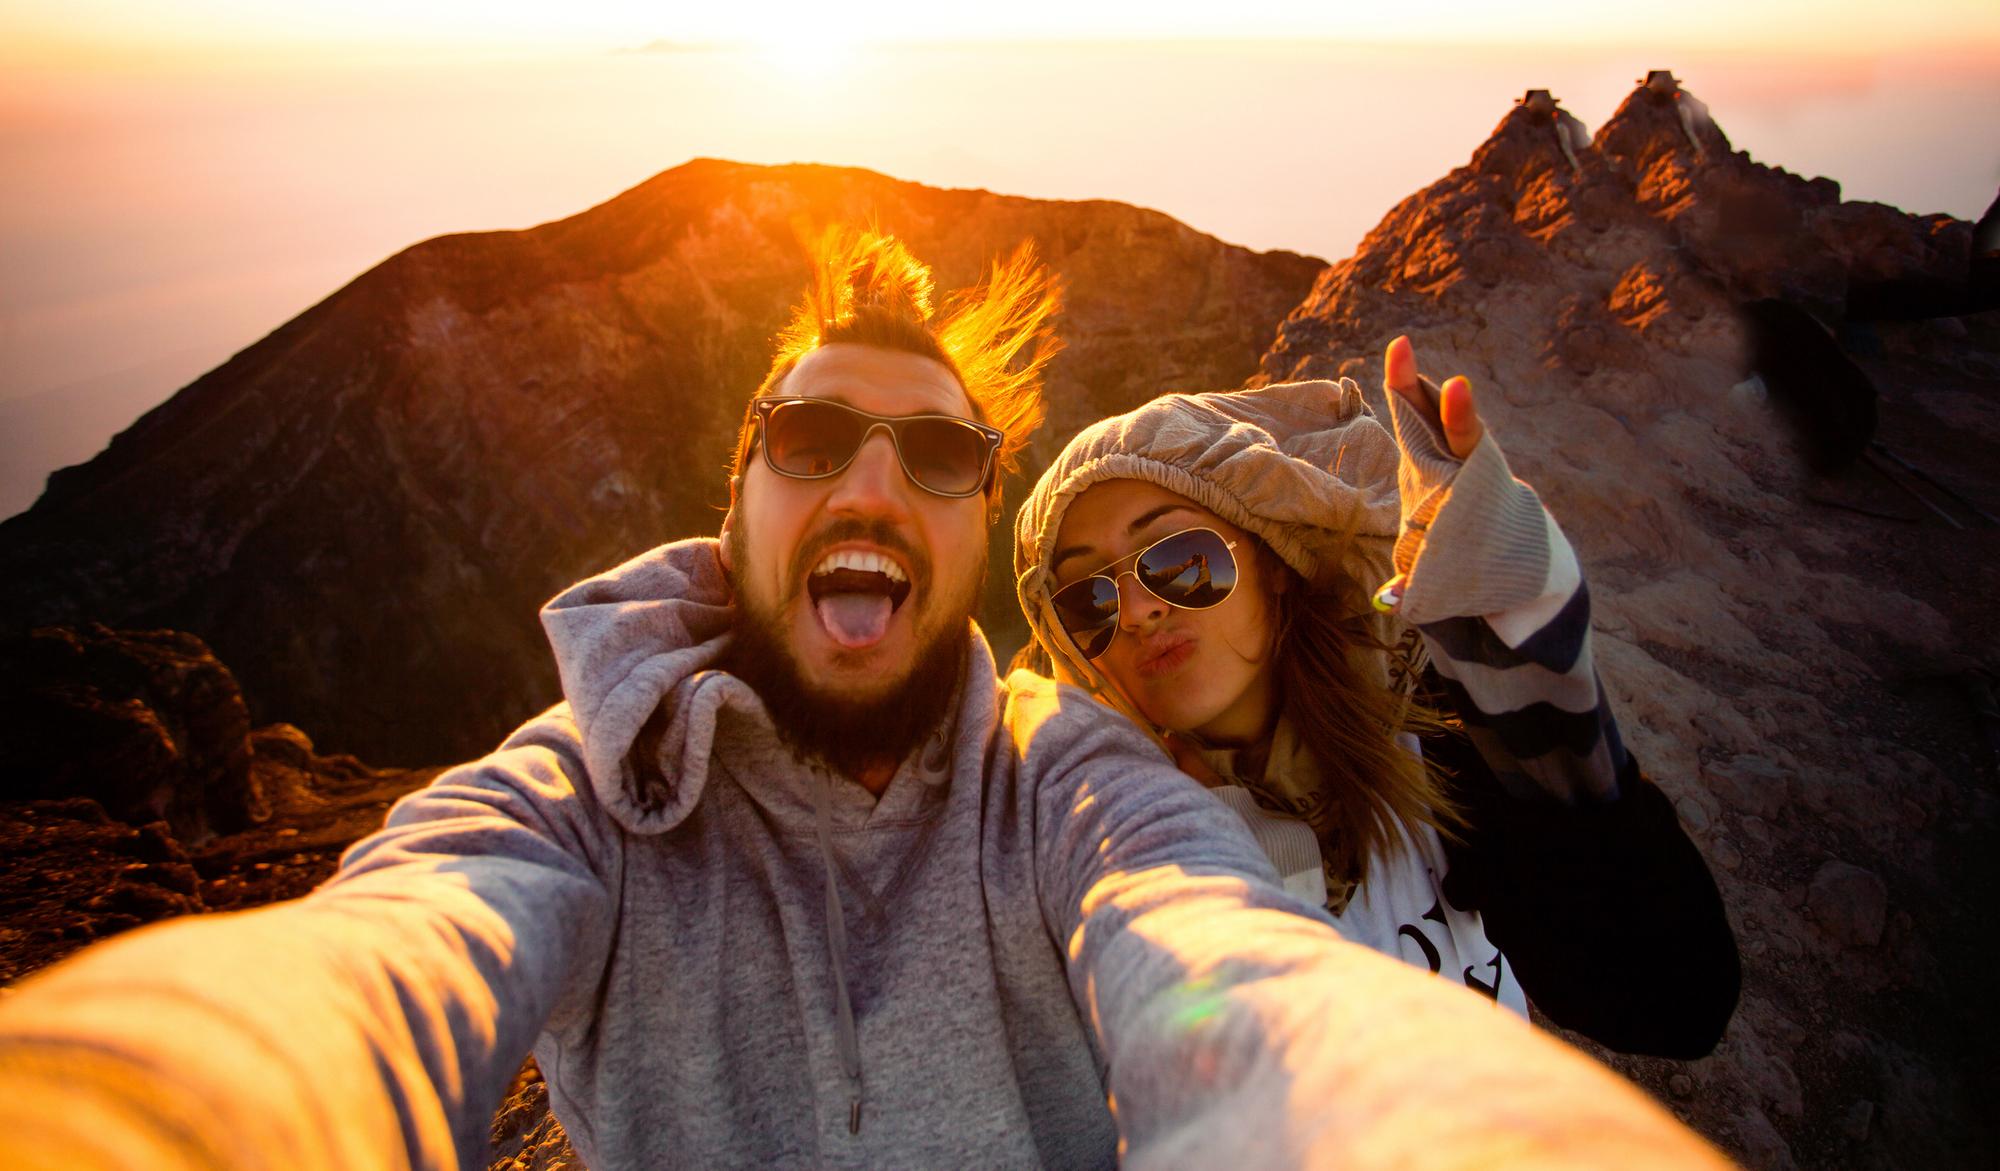 Топ-5 интересных фактов о том, почему время тянется медленнее в путешествиях